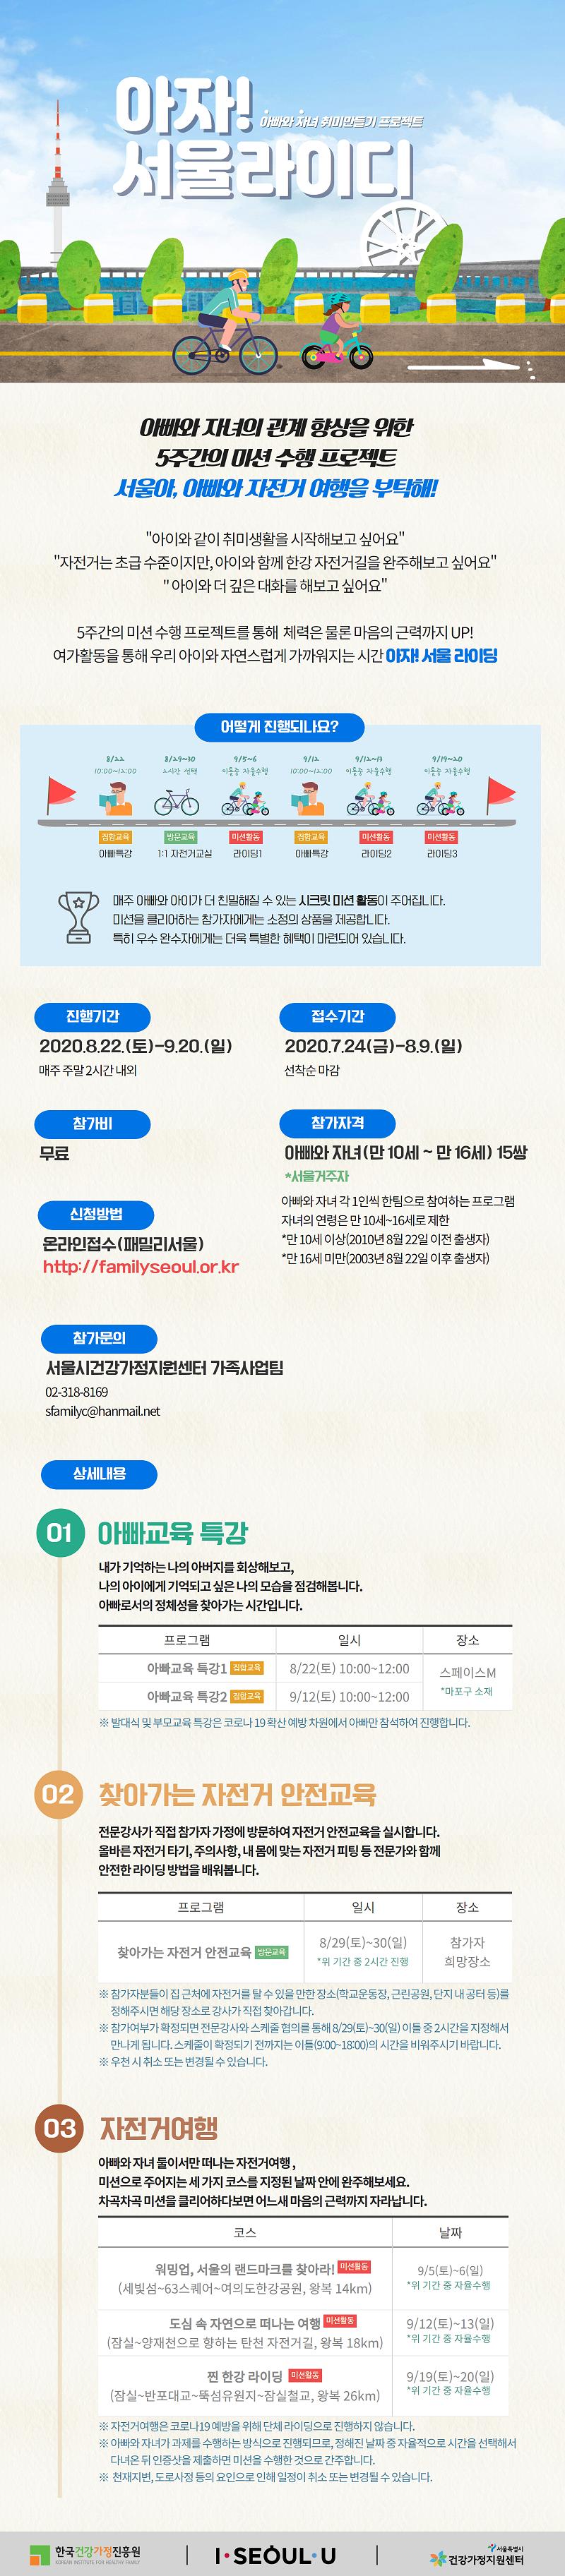 seoul_0802_02.jpg